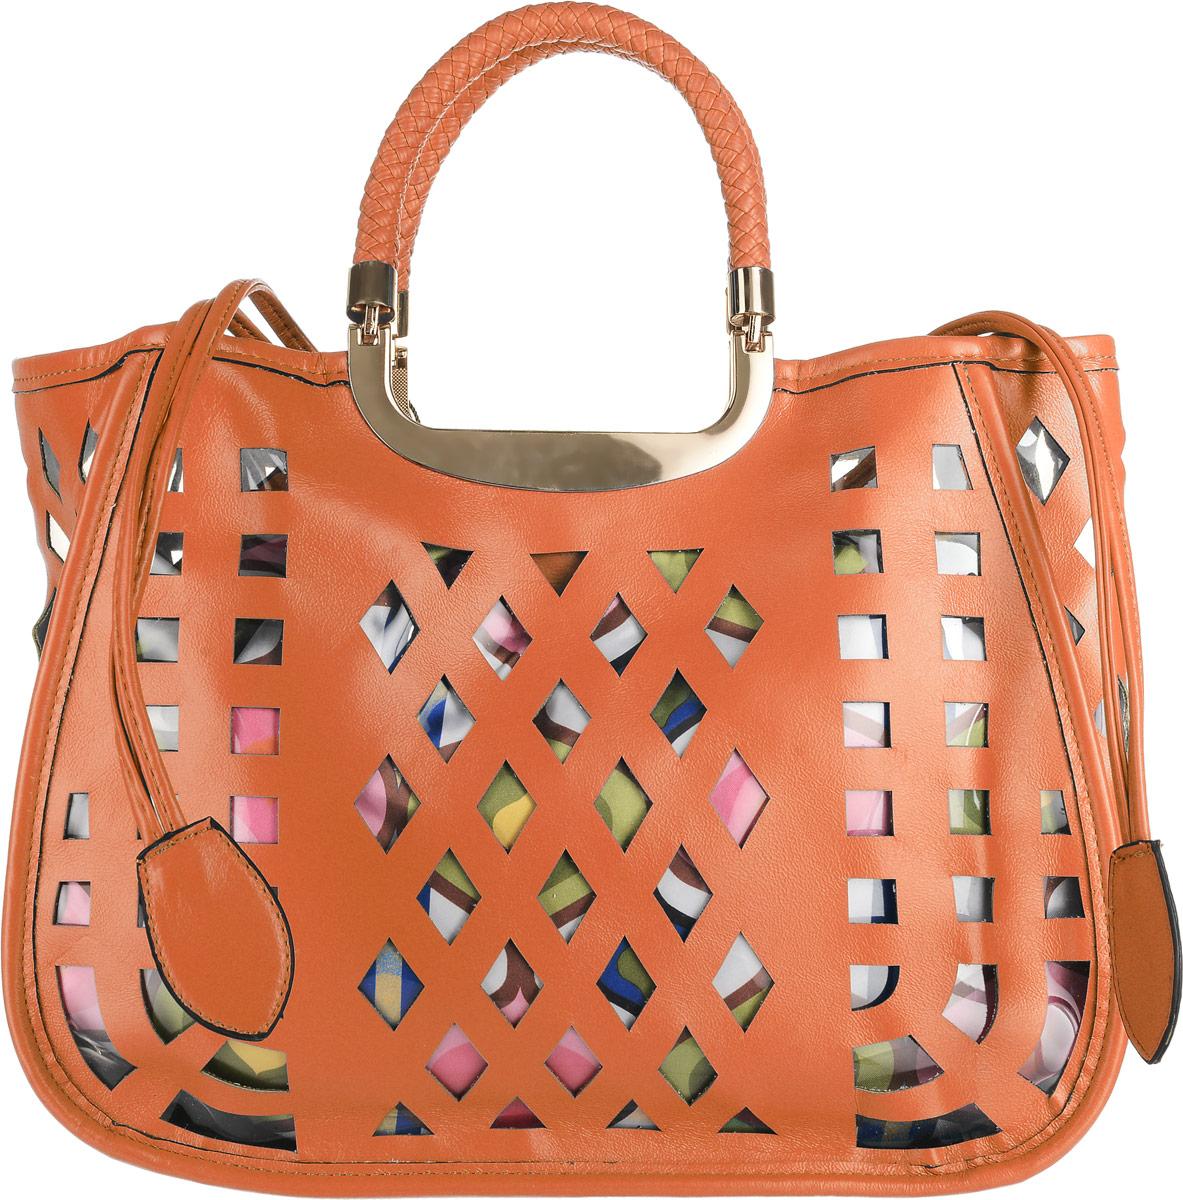 Сумка женская Renee Kler, цвет: оранжевый, мультиколор. RK-08612RK-08612Сумка Renee Kler выполнена из экокожи снаружи и текстиля внутри. Изделие имеет одно вместительное отделение. Снаружи сумка выполнена в классическом ее виде, с прорезными декоративными отверстиями защищенными с обратной стороны прозрачной плотной плёнкой, а внутри находится текстильный яркий мешок на затягивающихся шнурках из экокожи, который видно через эти прорезные отверстия. Внутри главного отделения - два открытых накладных кармана для мелочей и вшитый карман на застежке-молнии. Сумка оснащена двумя ручками с металлическим основанием и упакована в удобный чехол.